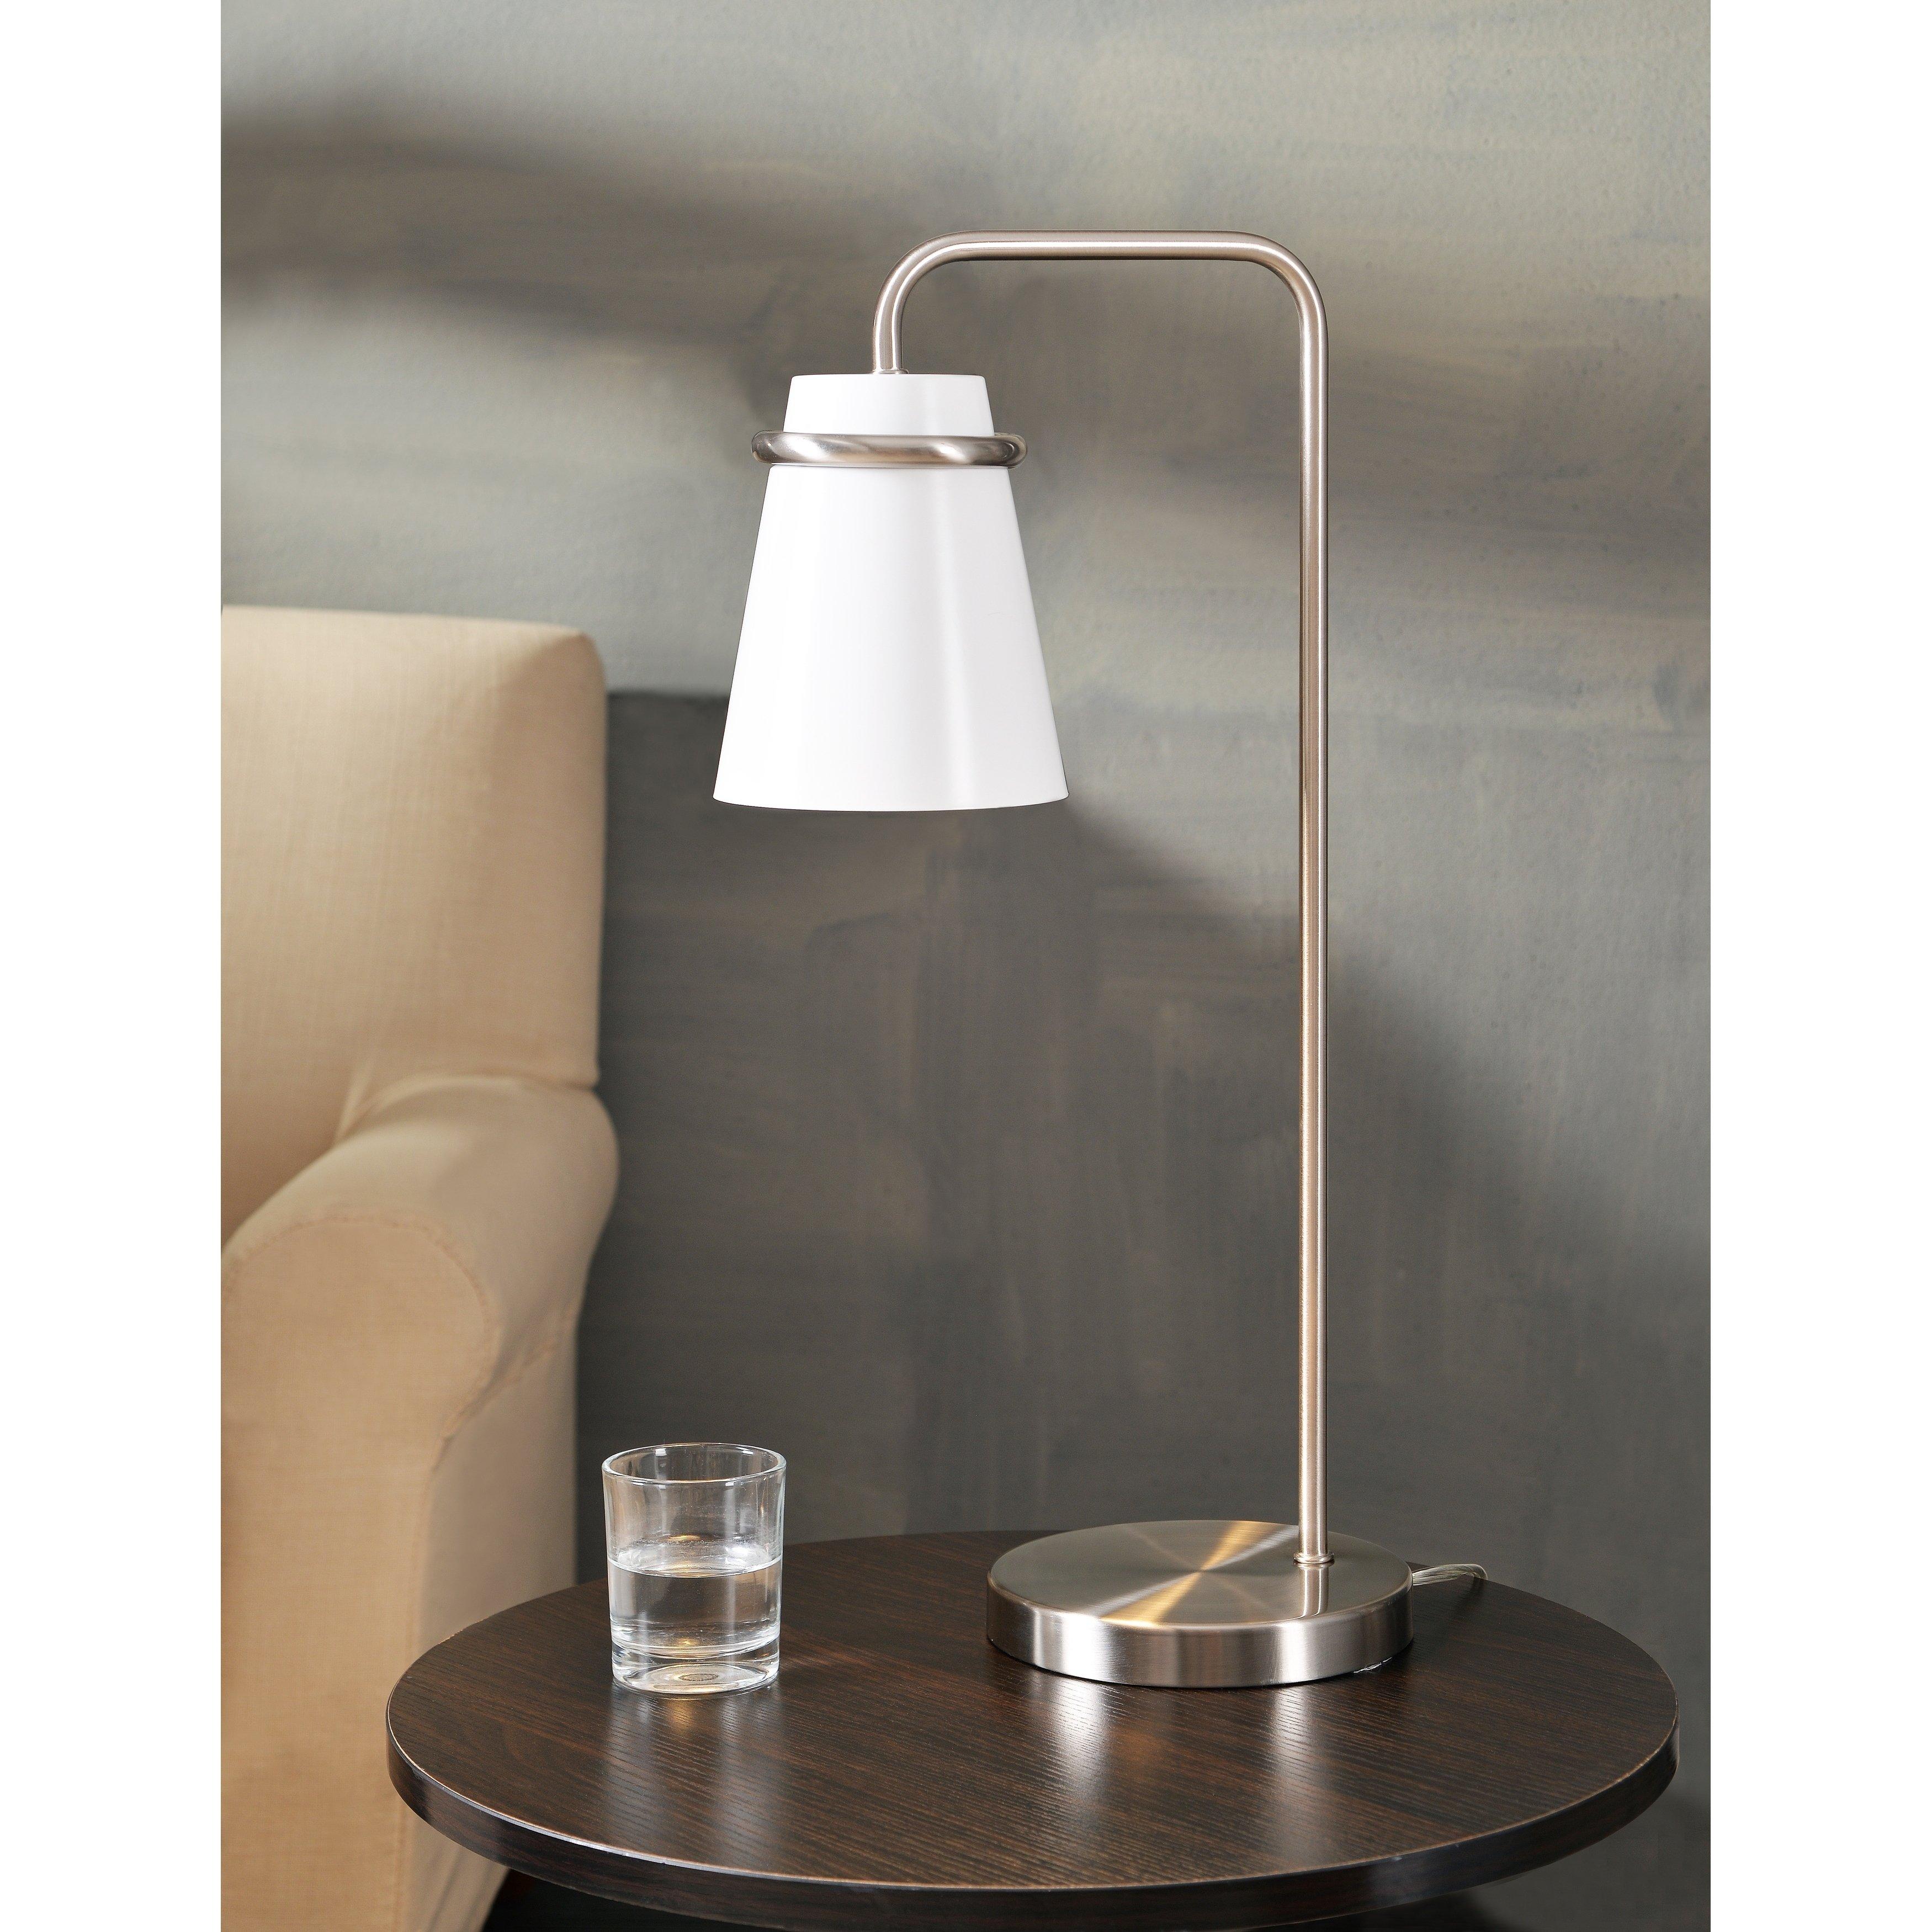 Carrington White And Brushed Steel 23 Inch Desk Lamp Gray Design Craft Desk Lamp Metal Desk Lamps Steel Desk